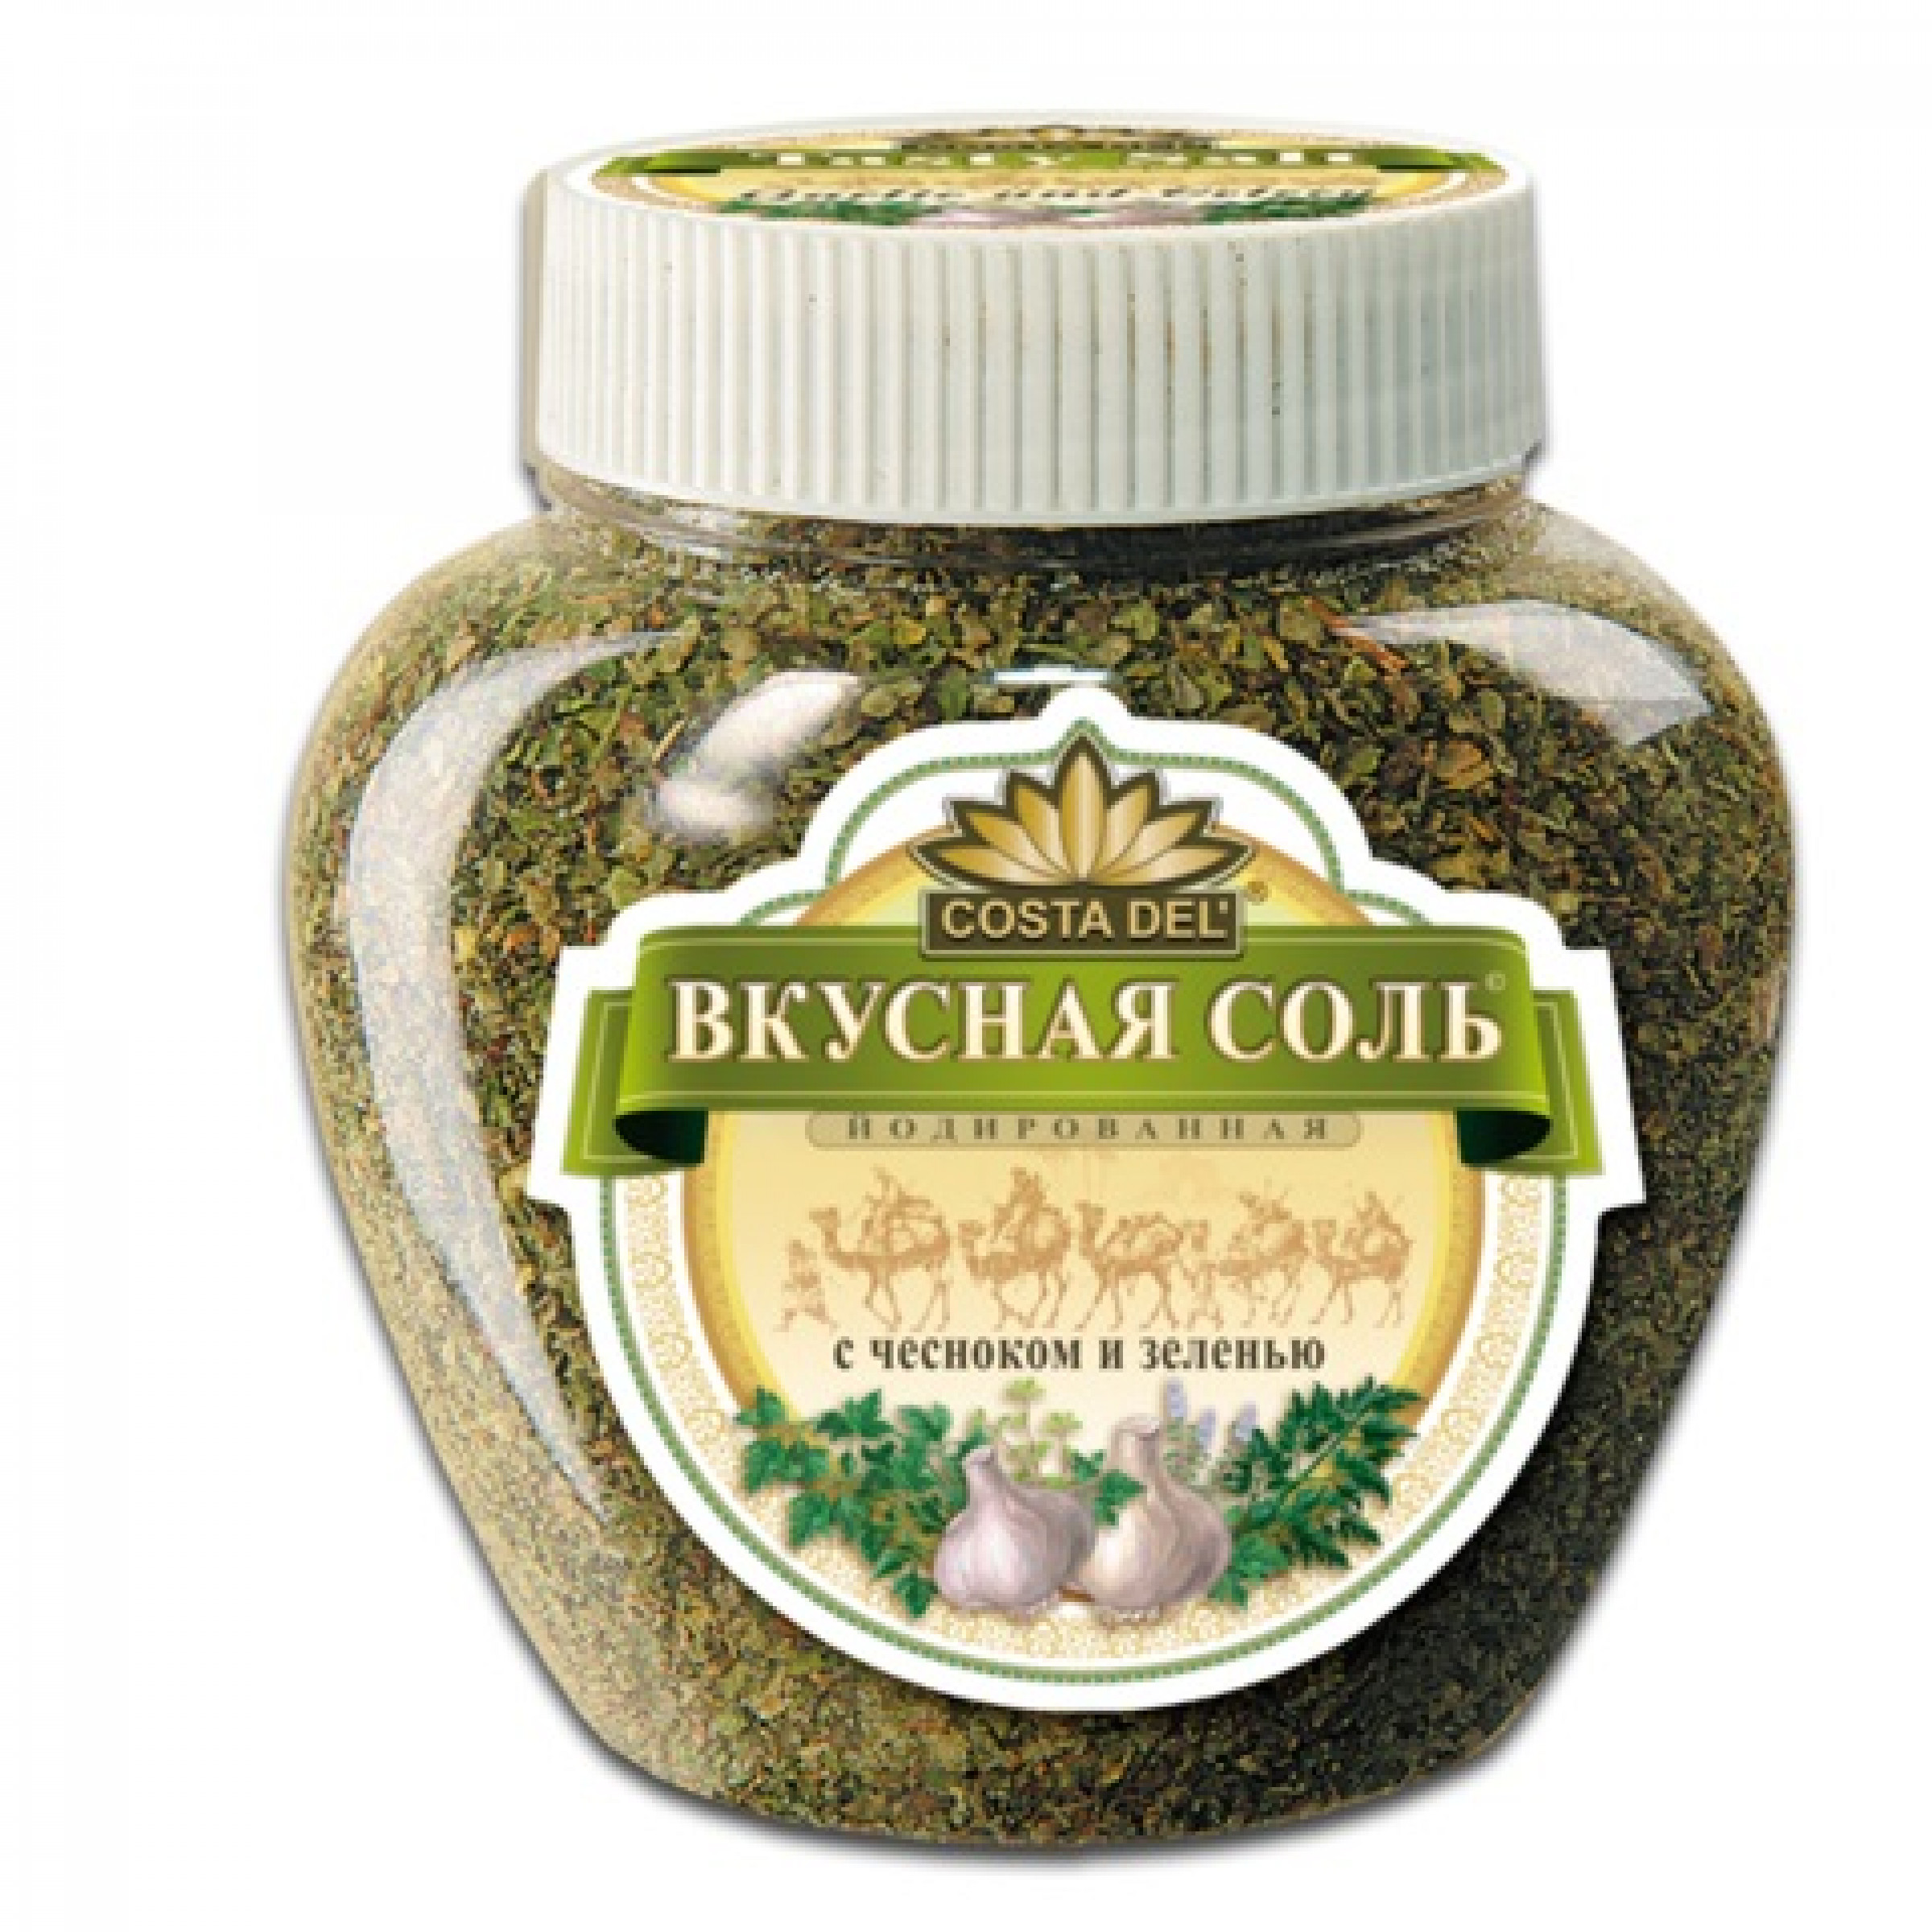 Вкусная соль с чесноком и зеленью, 400гр